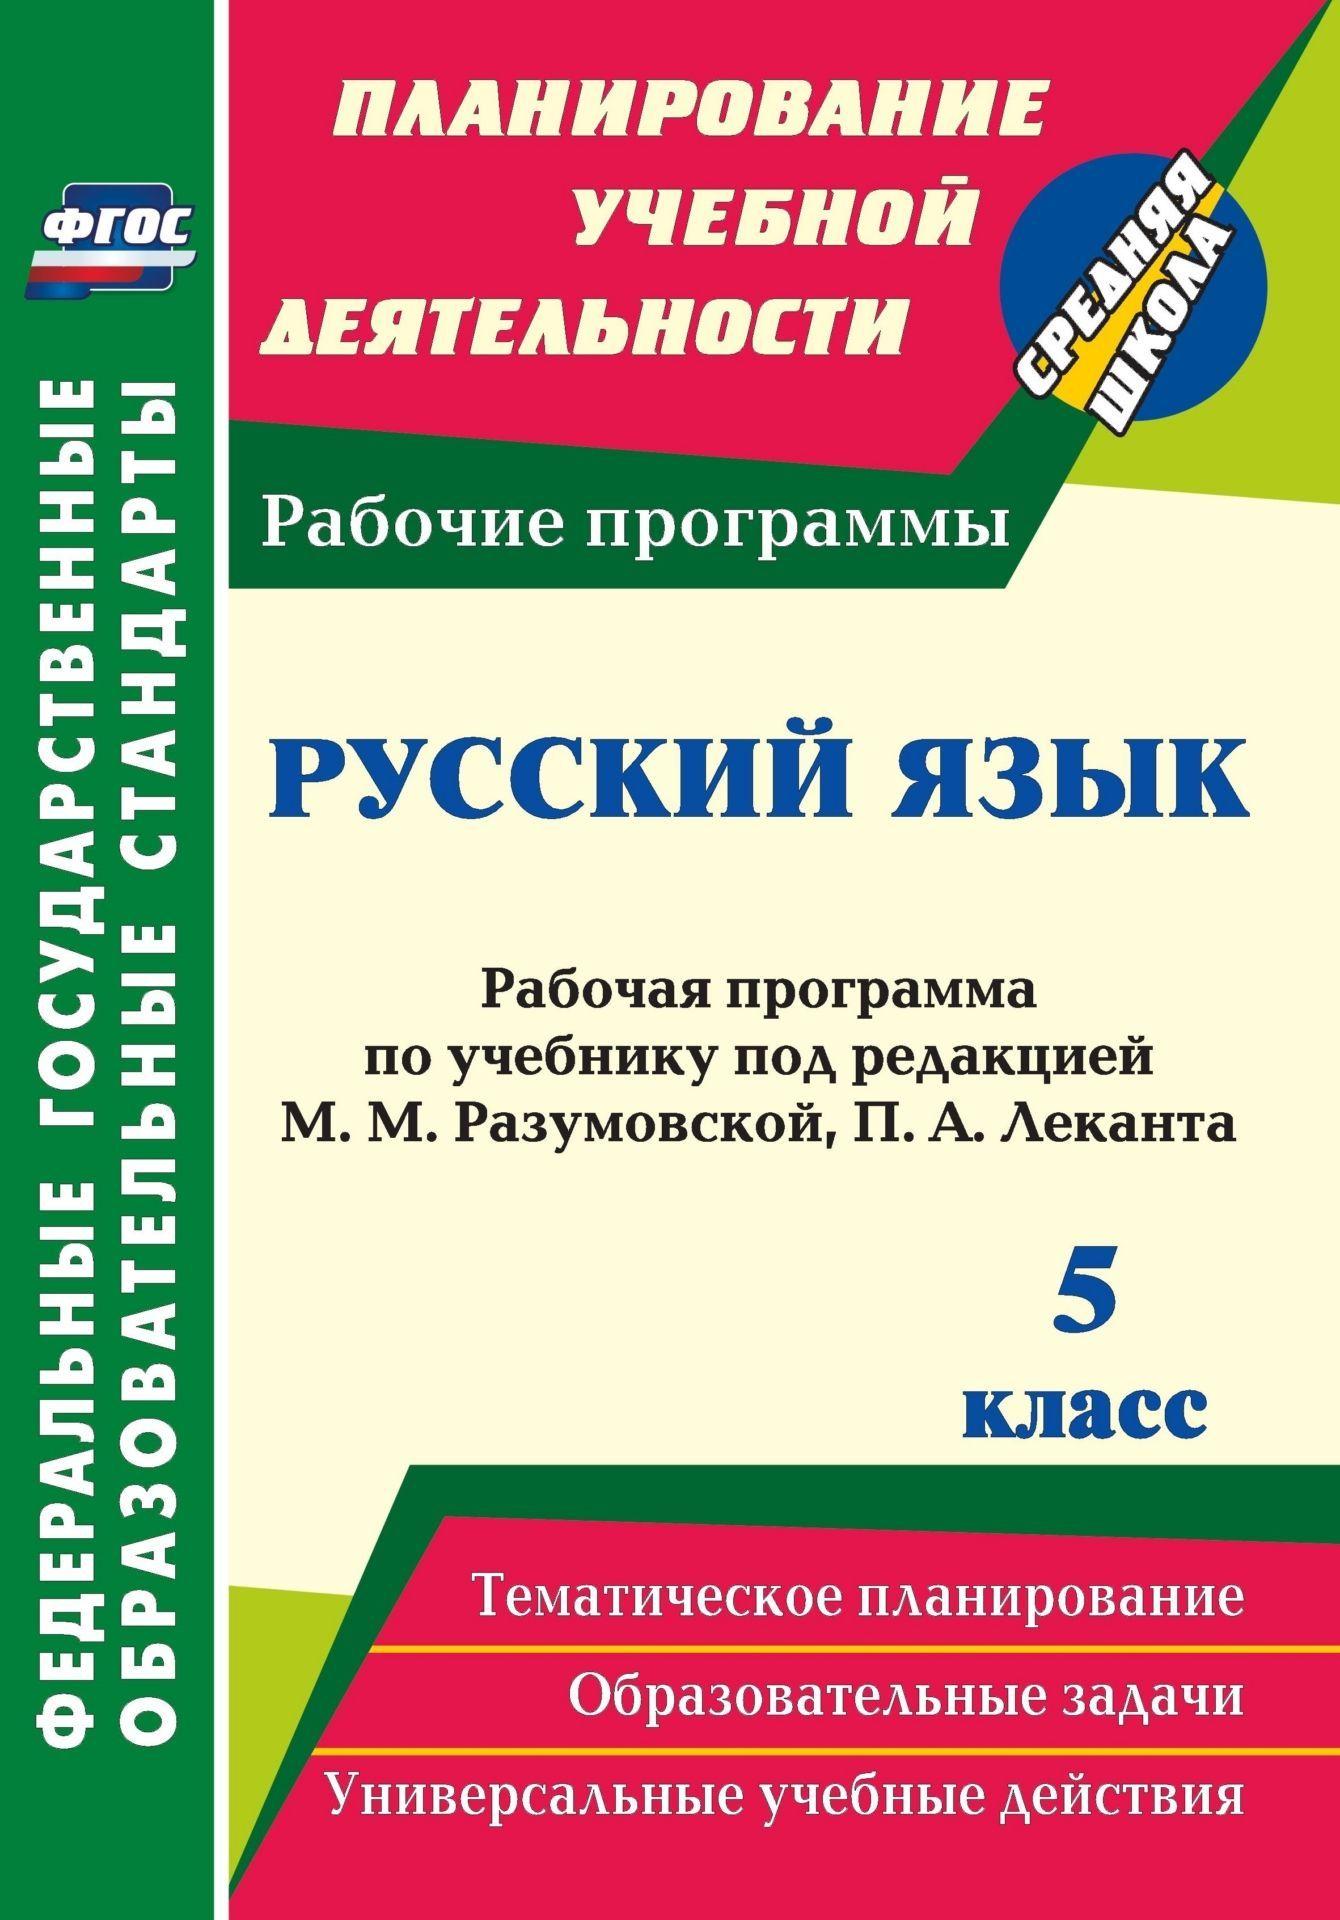 Крицкая, Русский Язык, 5 кл, Рабочая программа по Учебнику под Редакцией М, М, Разумовской